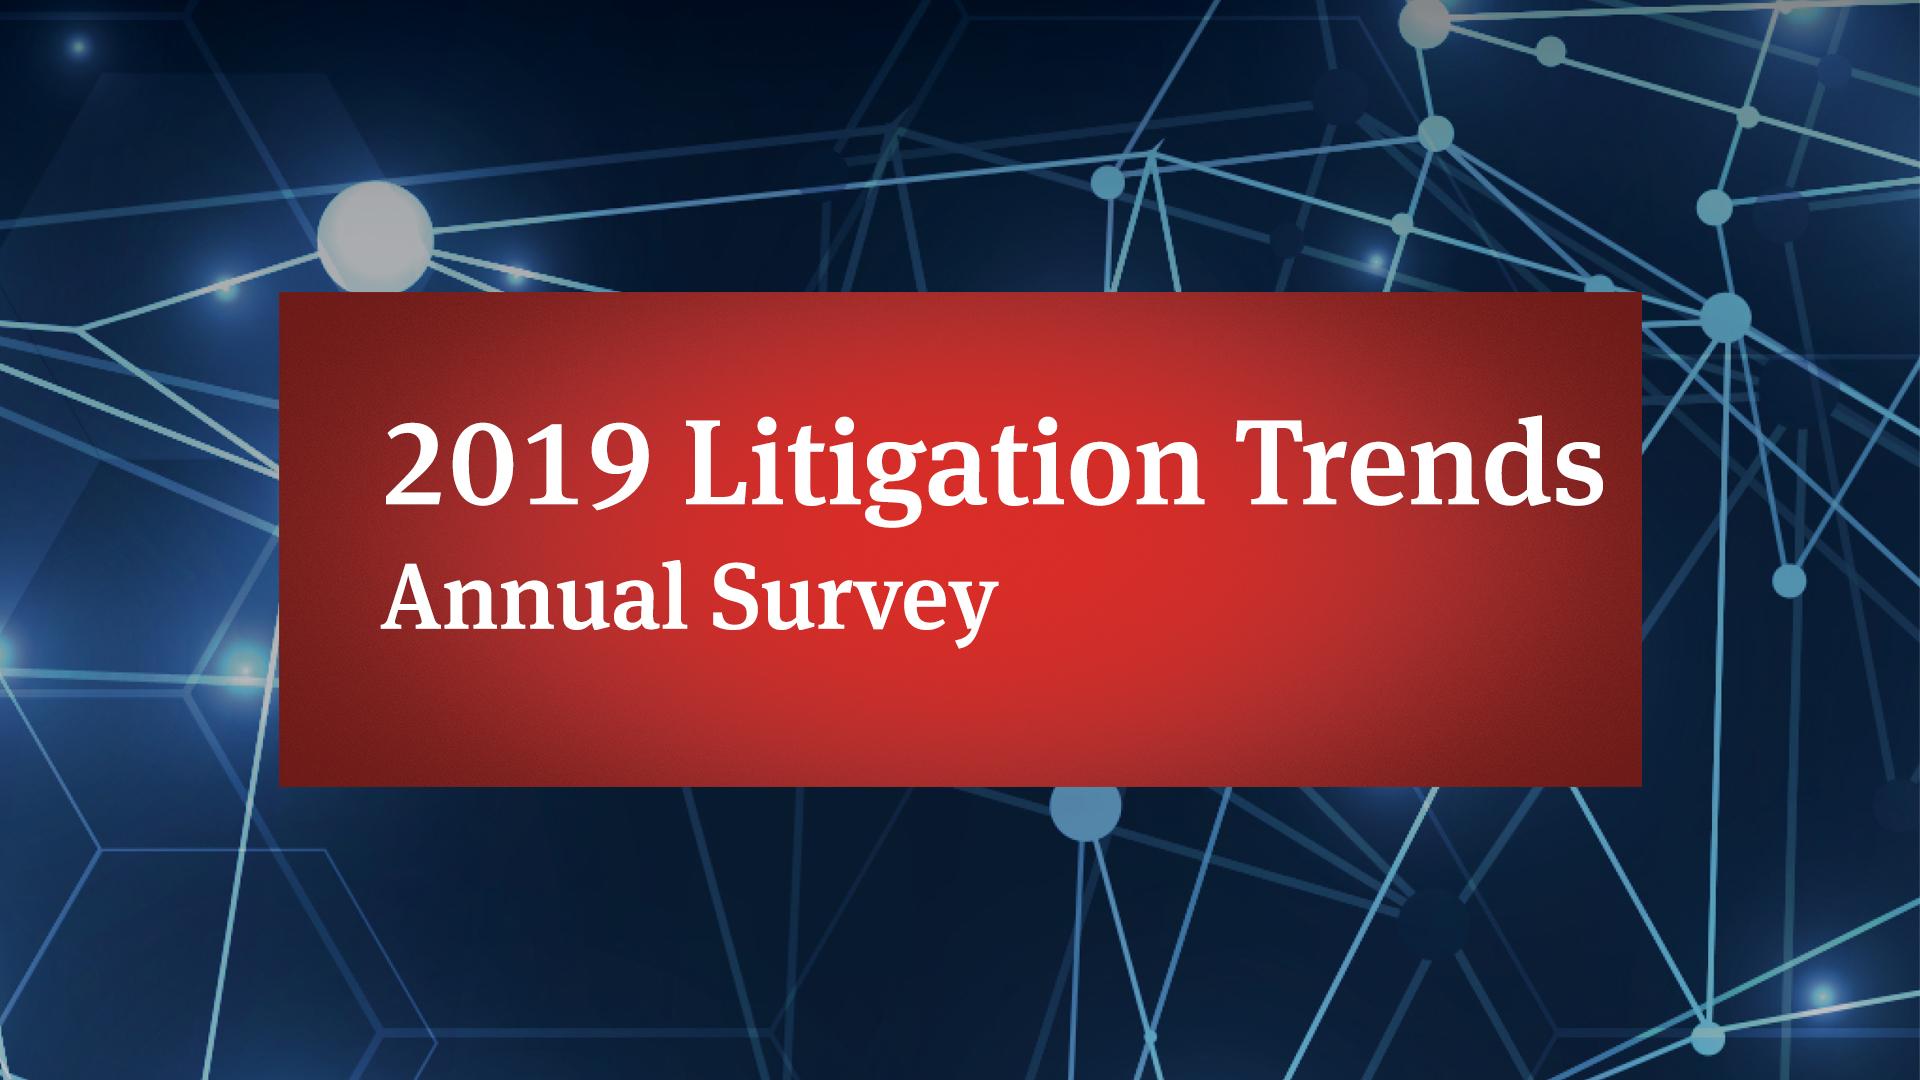 2019 Litigation Trends Annual Survey